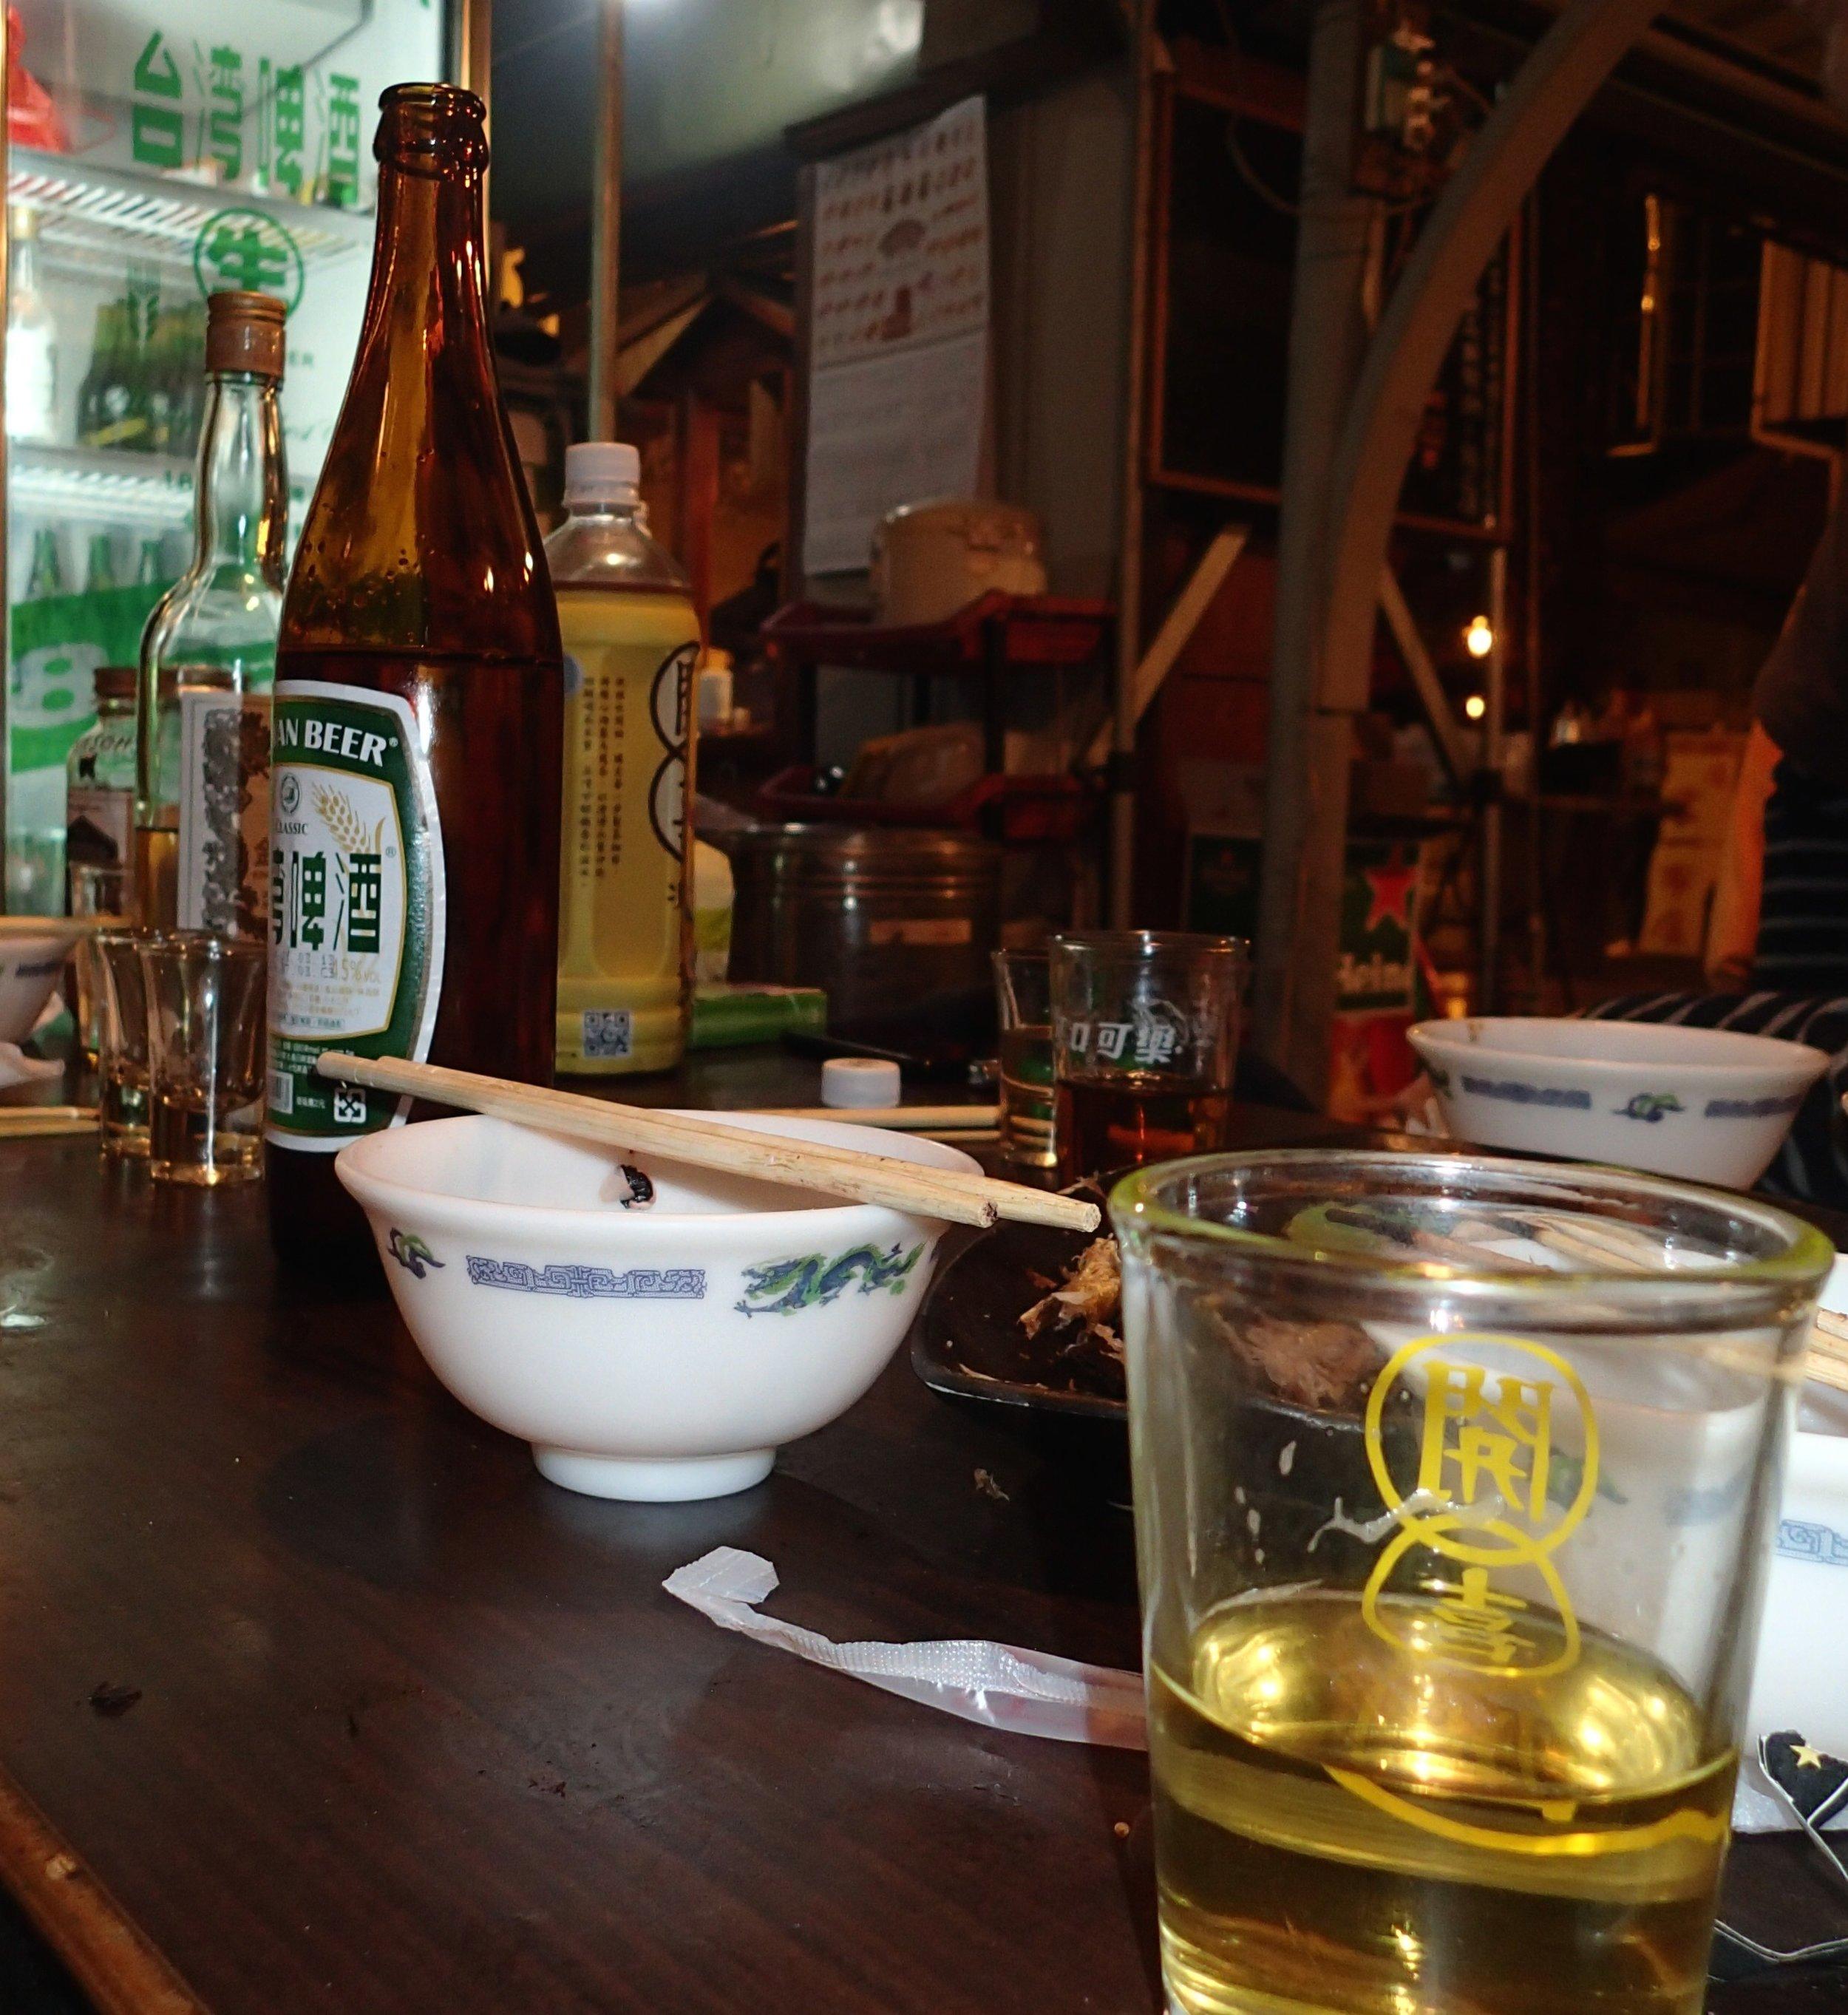 kaohliang and beer (1).jpg